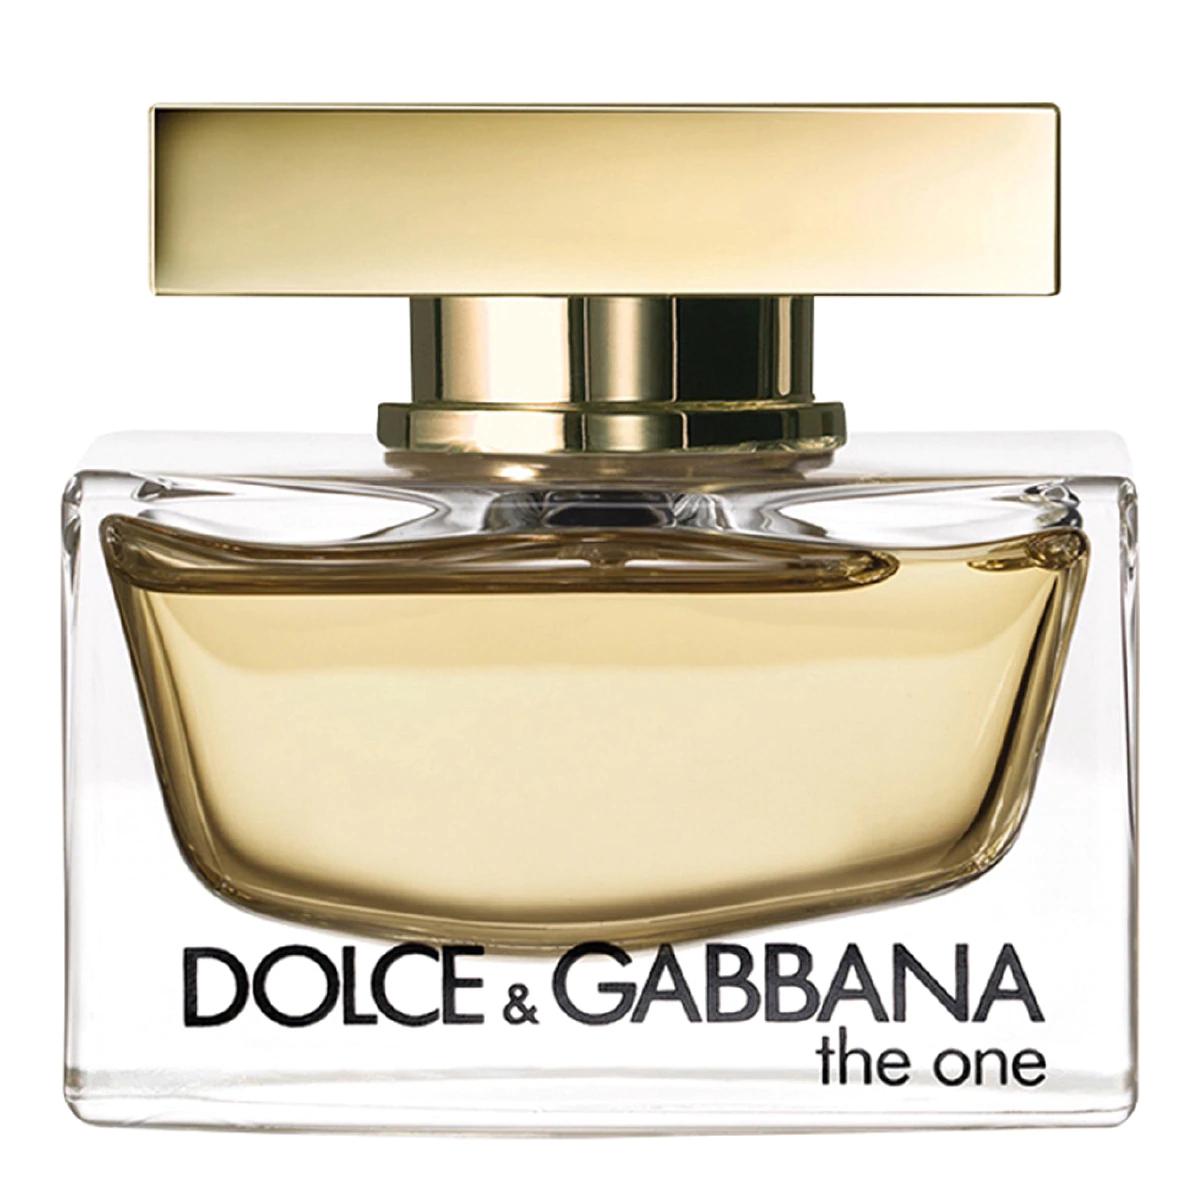 Eau de Parfum pour femme Dolce & Gabbana The One - 50 ml